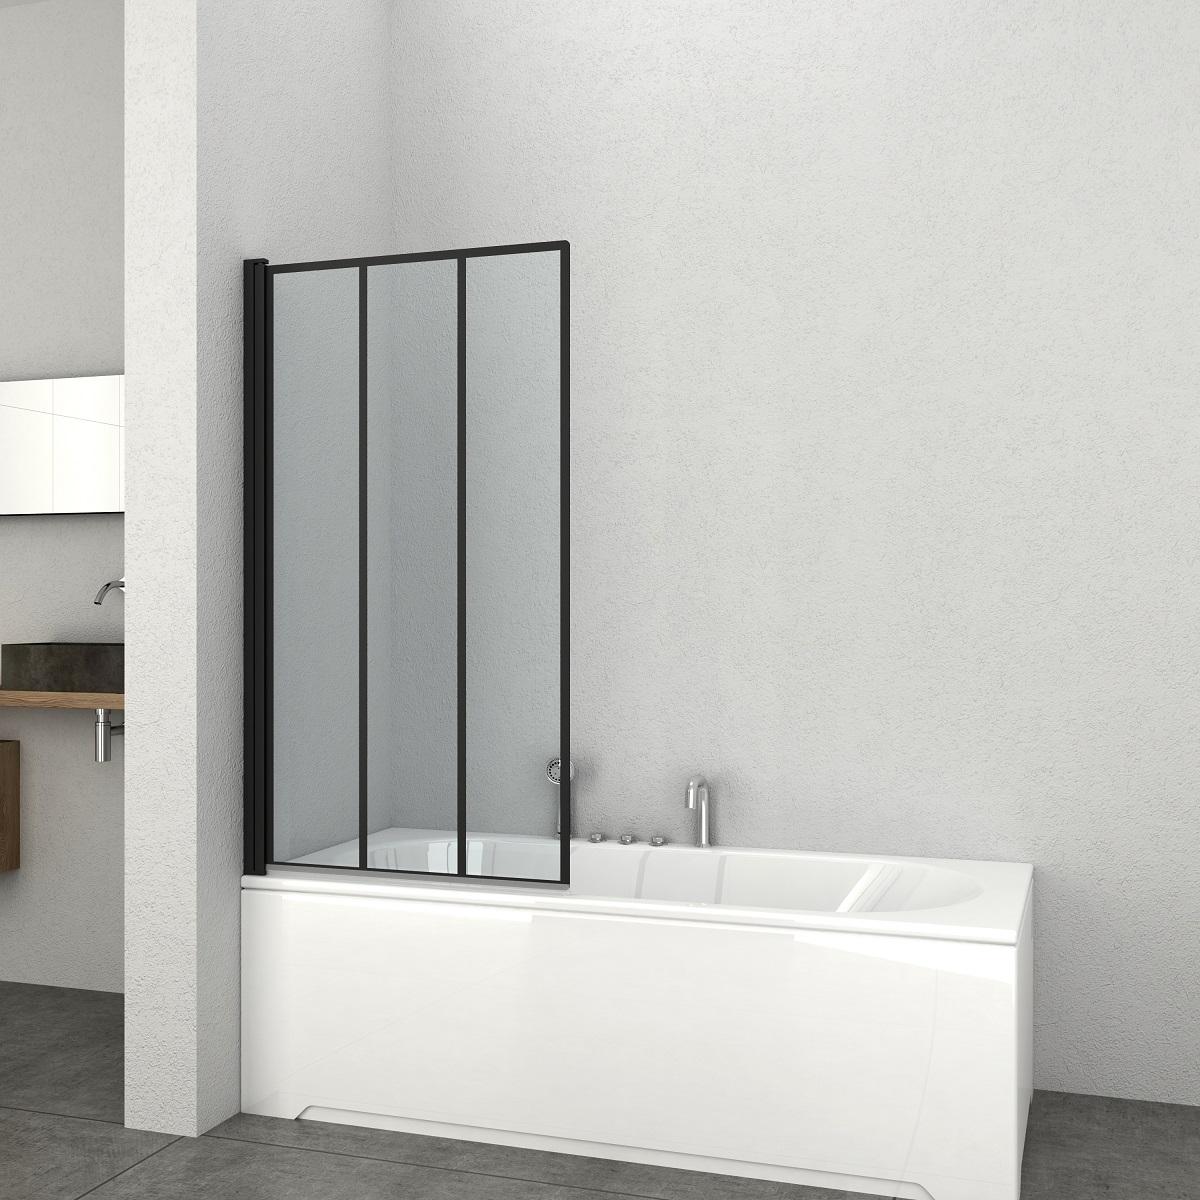 Badstuber Soho badscherm 140x80cm badwand mat zwart